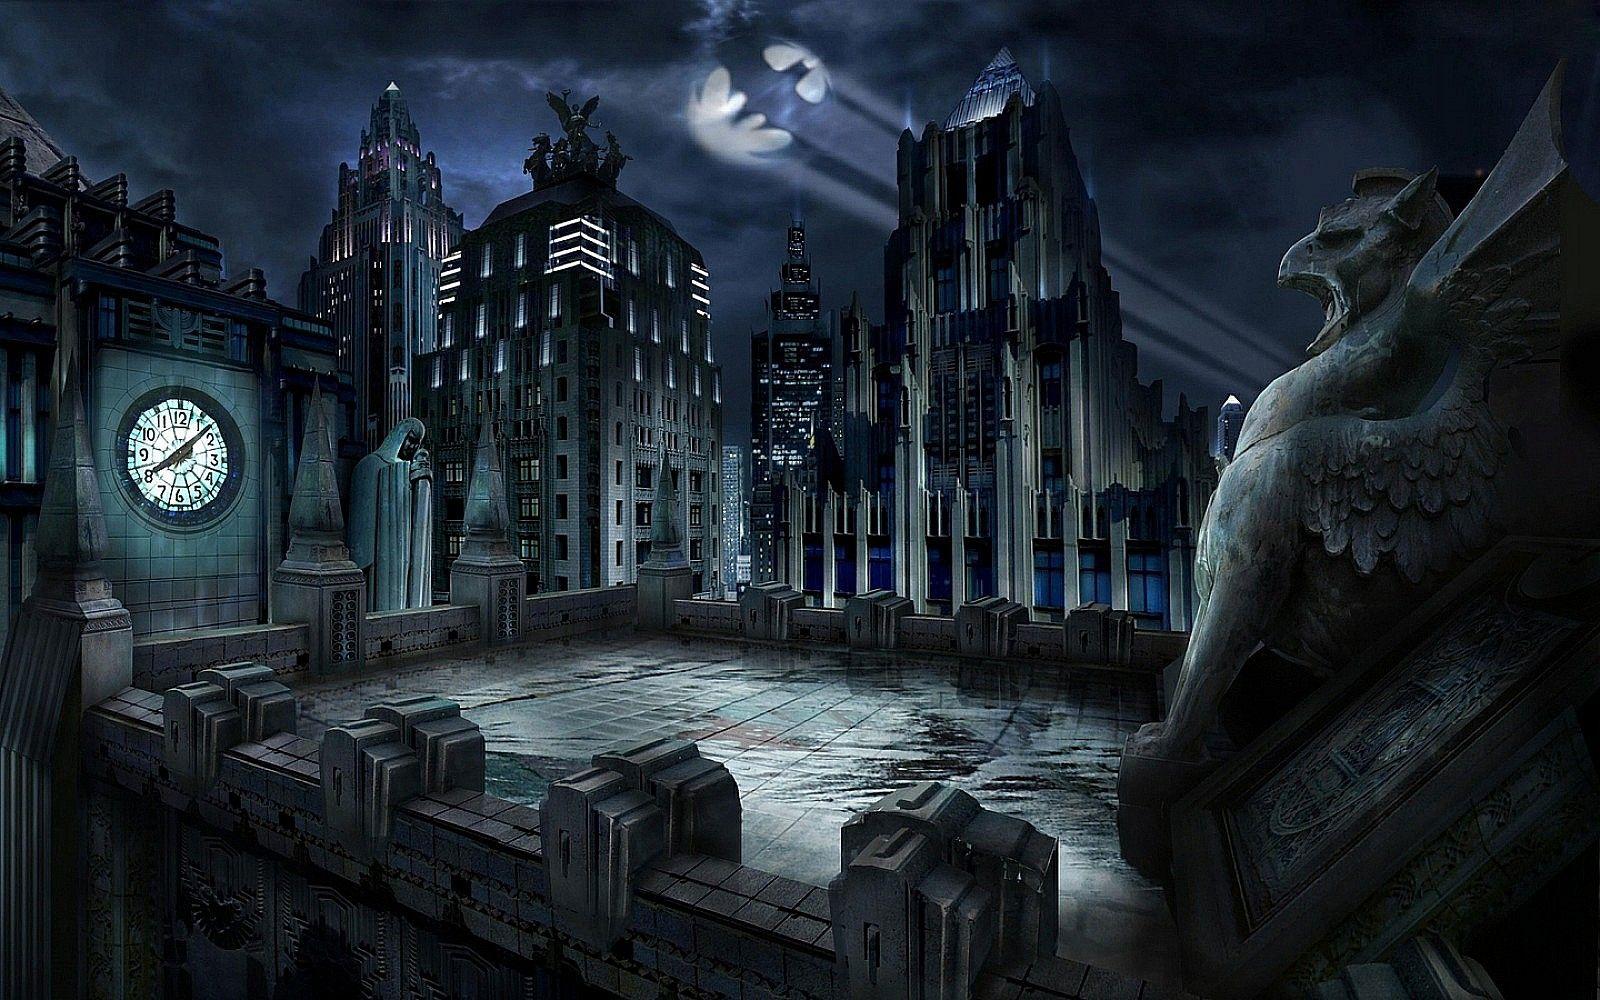 Dark City Movie Wallpapers | WallpapersIn4k net